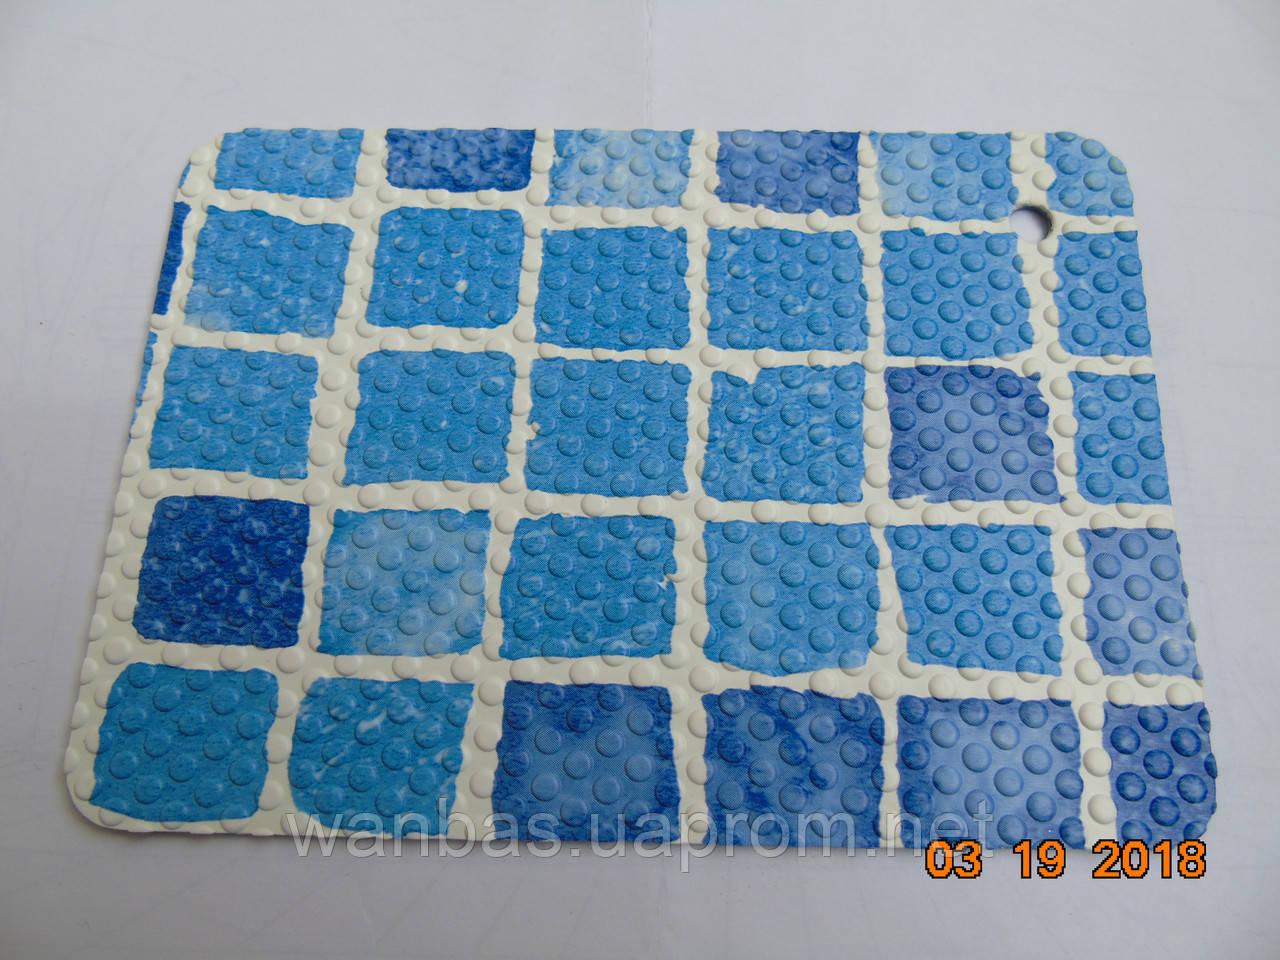 Противоскользящая мембрана  для бассейна OgenFlex (мозаика) шириной 1,65 м для отделки бассеина